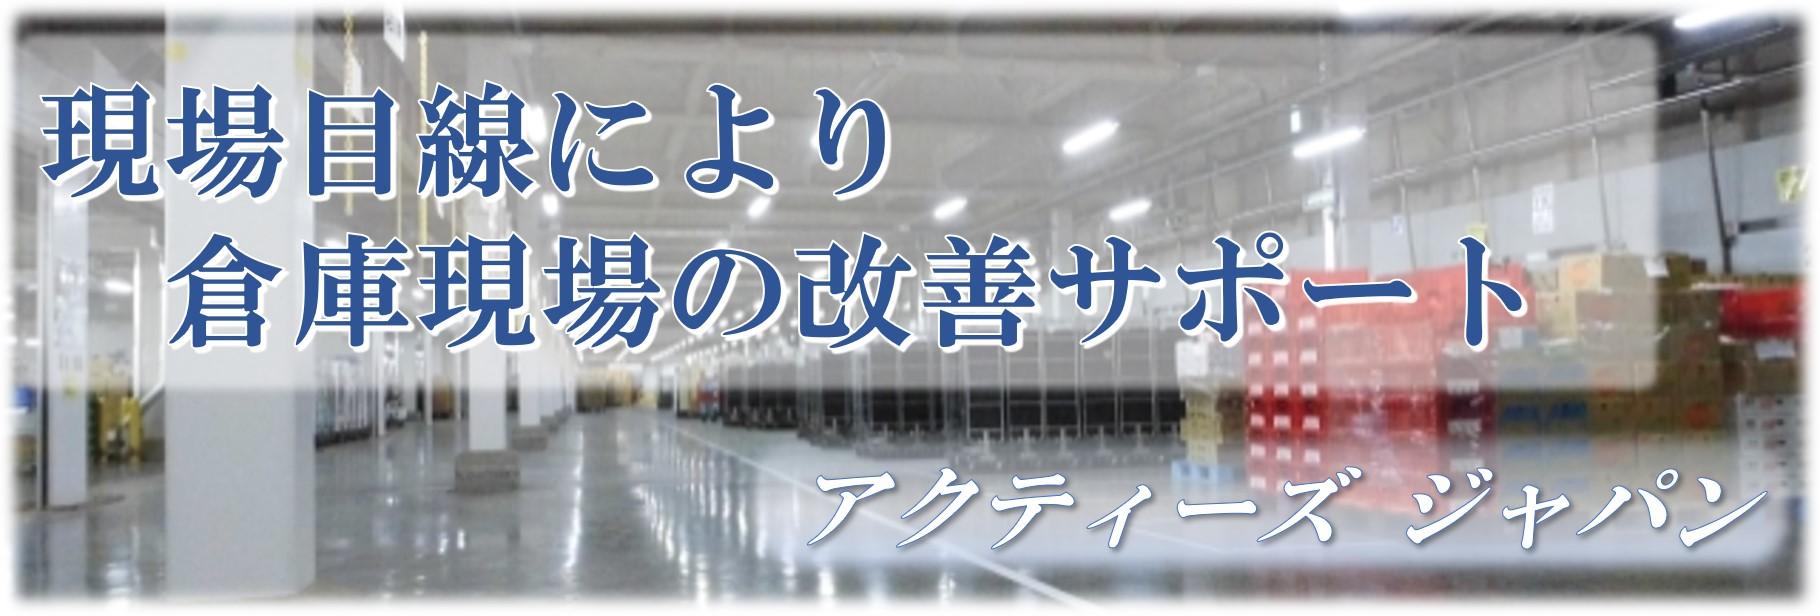 現場目線による倉庫現場の改善サポートを行います